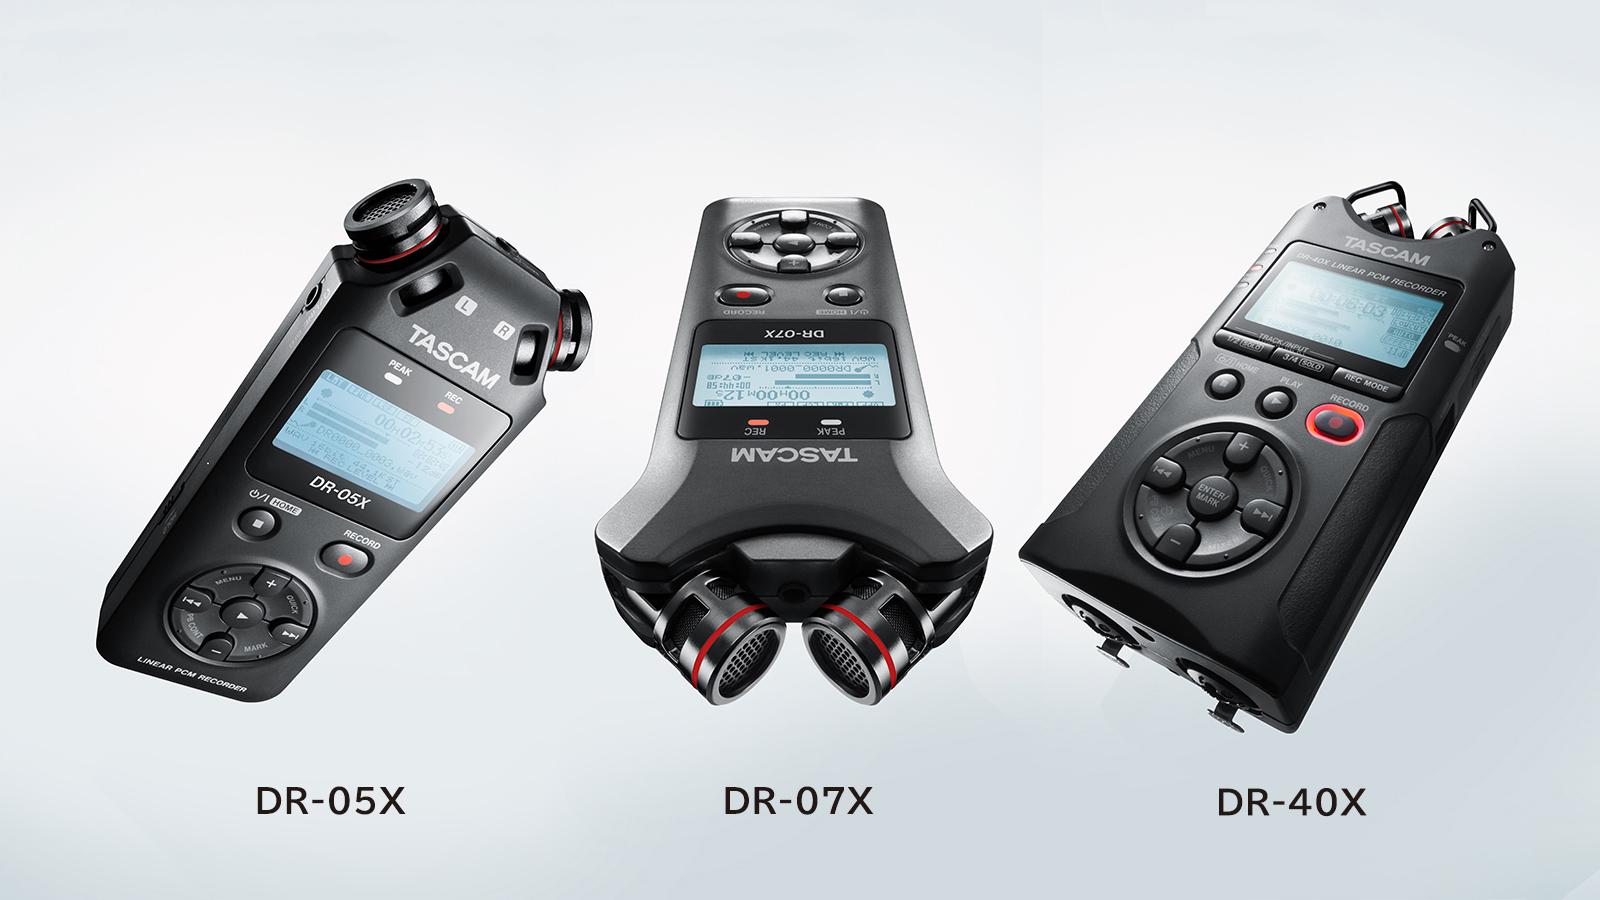 ה-DR-X - סדרת מכשירי הקלטה ניידים מהדור הבא מ-Tascam